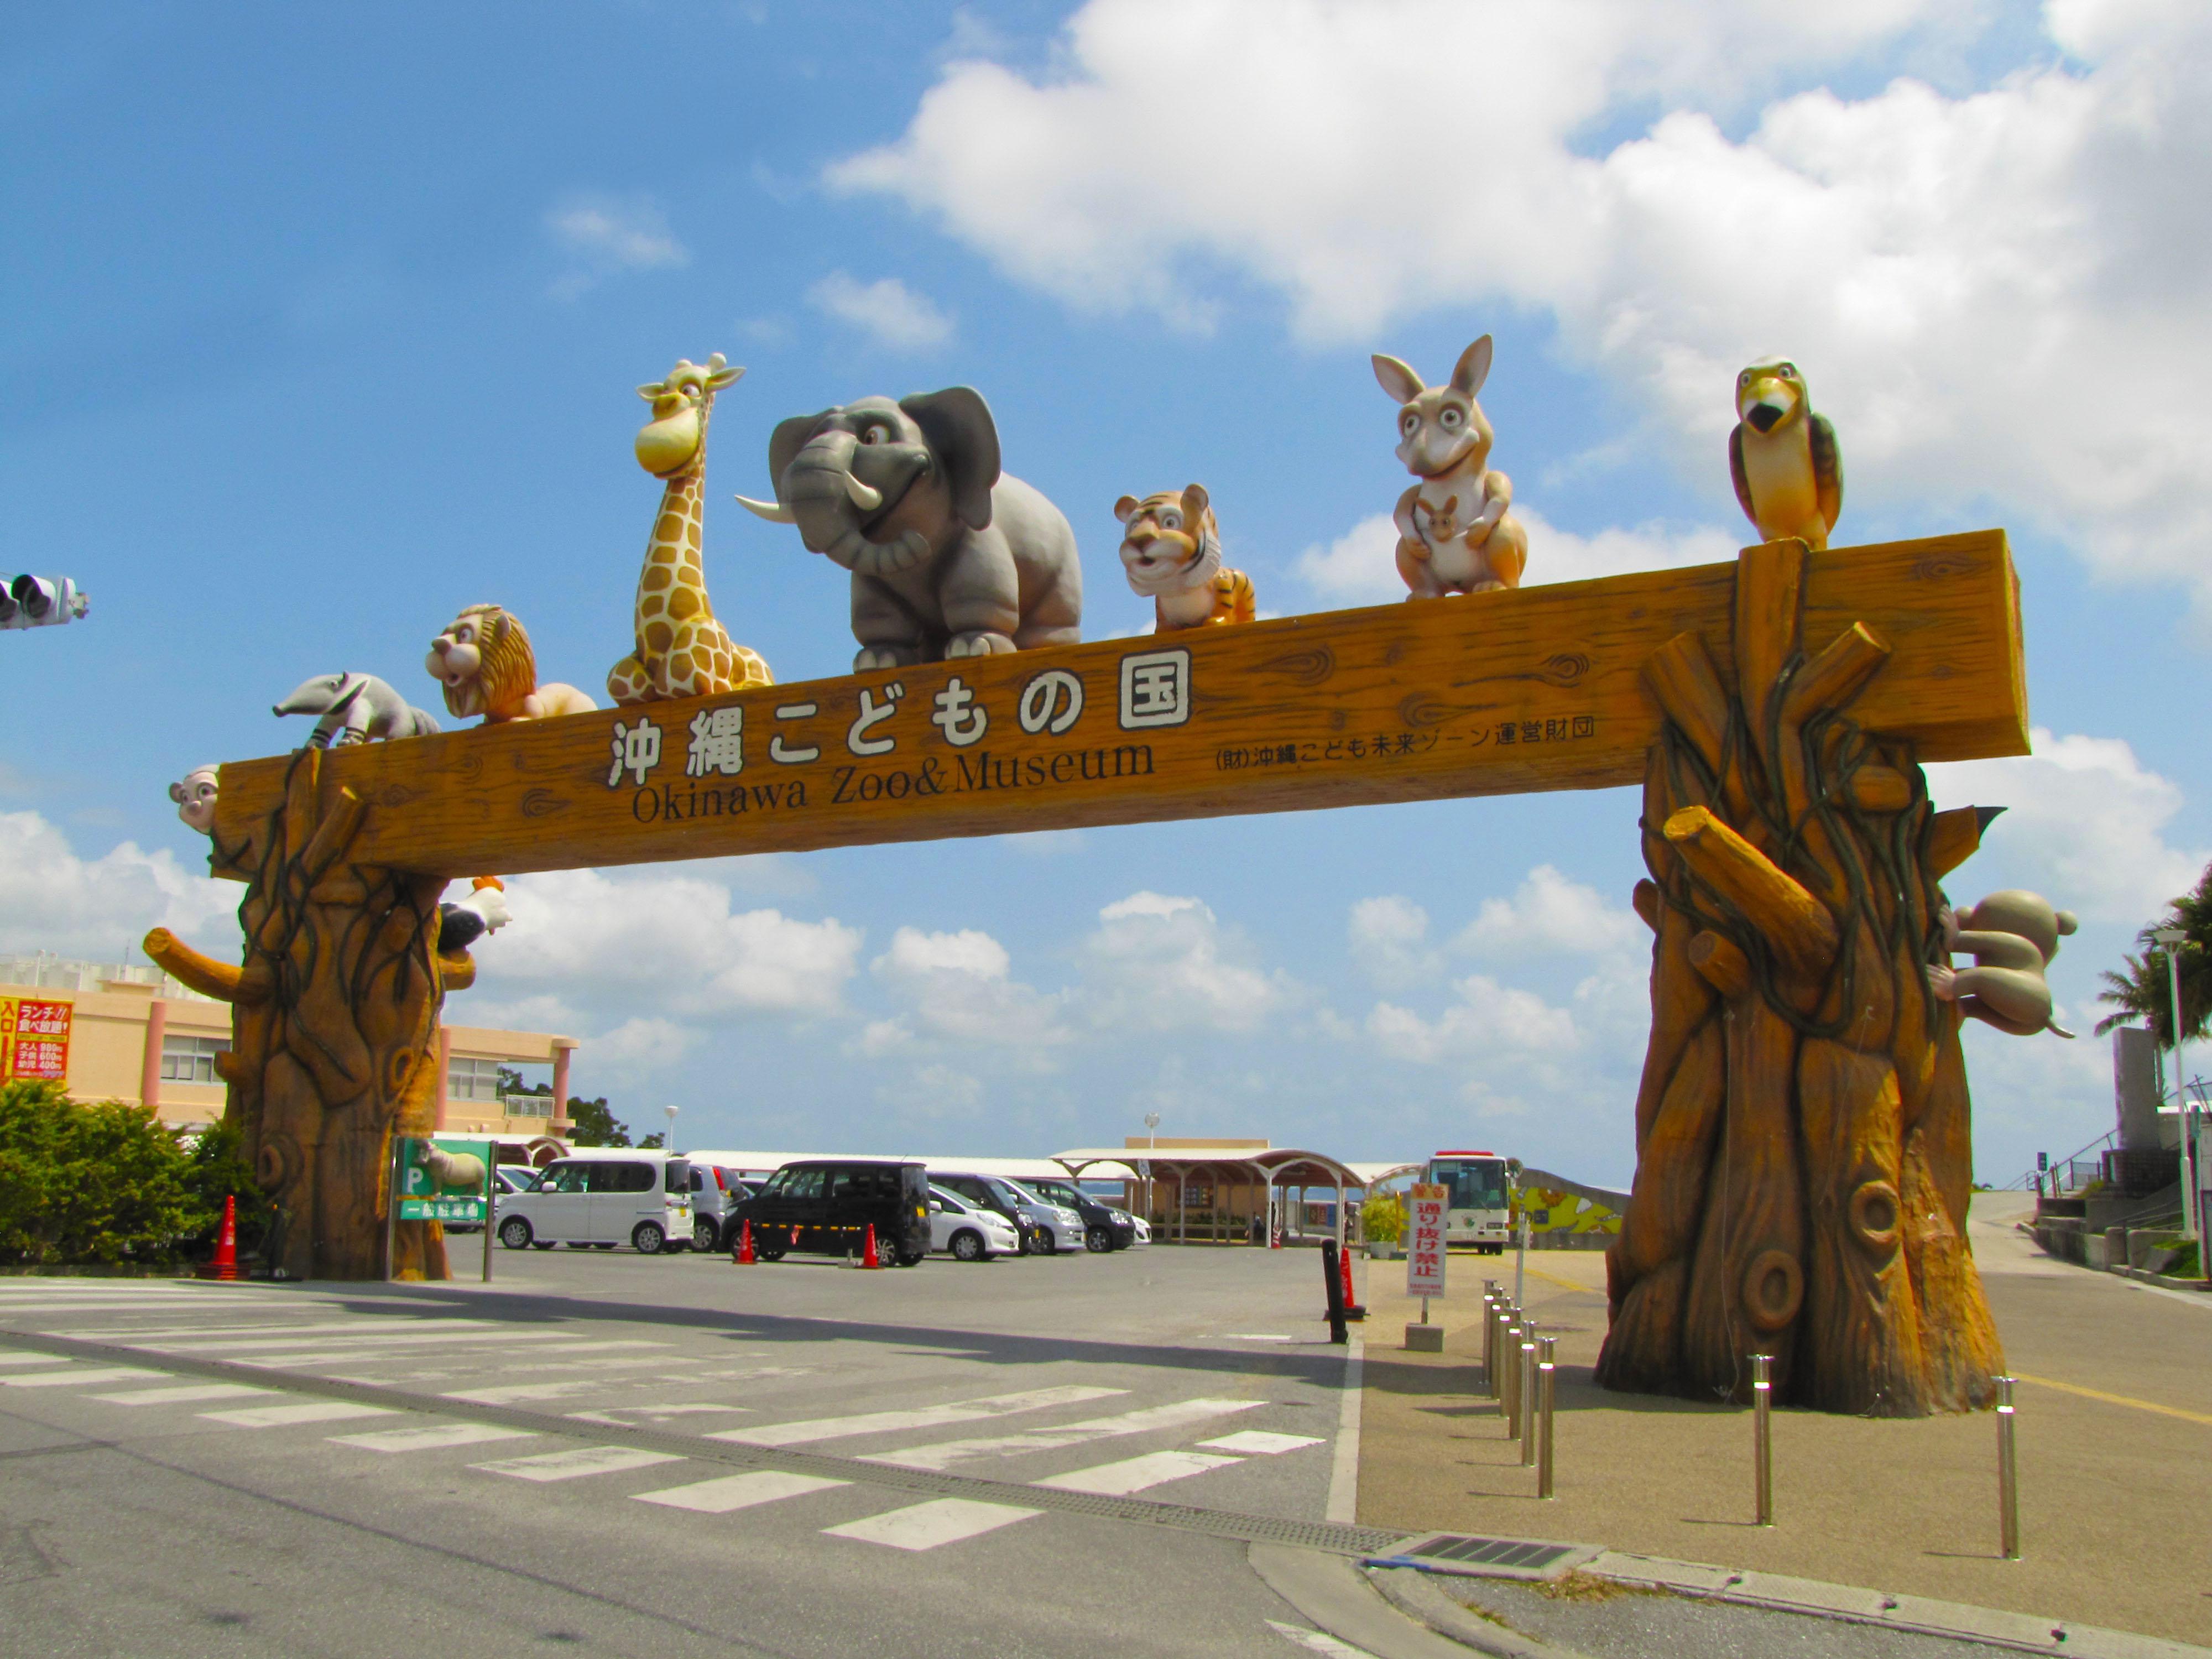 오키나와 어린이 나라 입장권